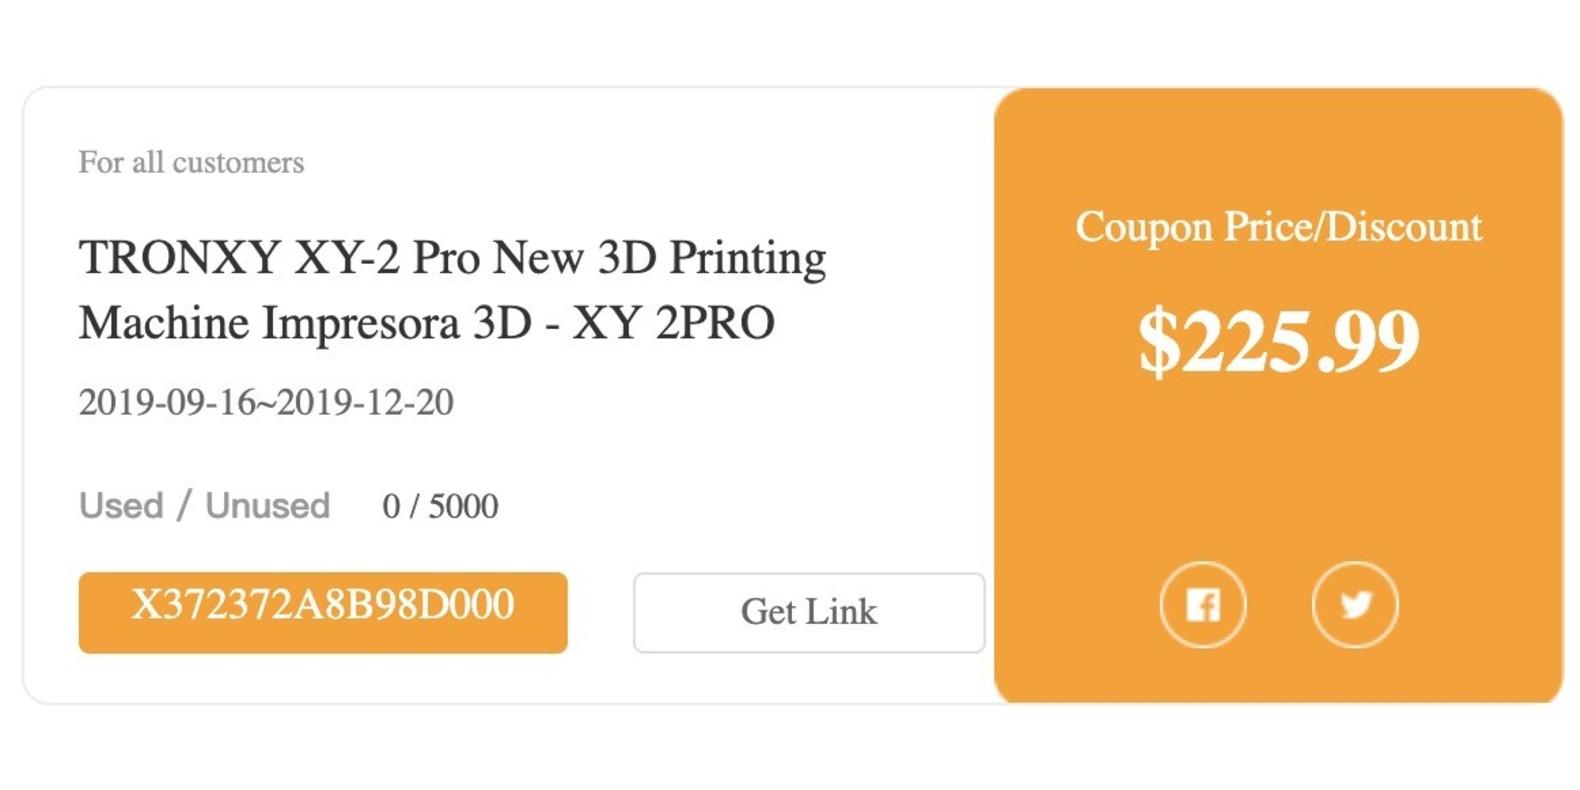 Gearbest TRONXY XY-2 Pro New 3D Printing Machine Impresora 3D - XY 2PRO promotion